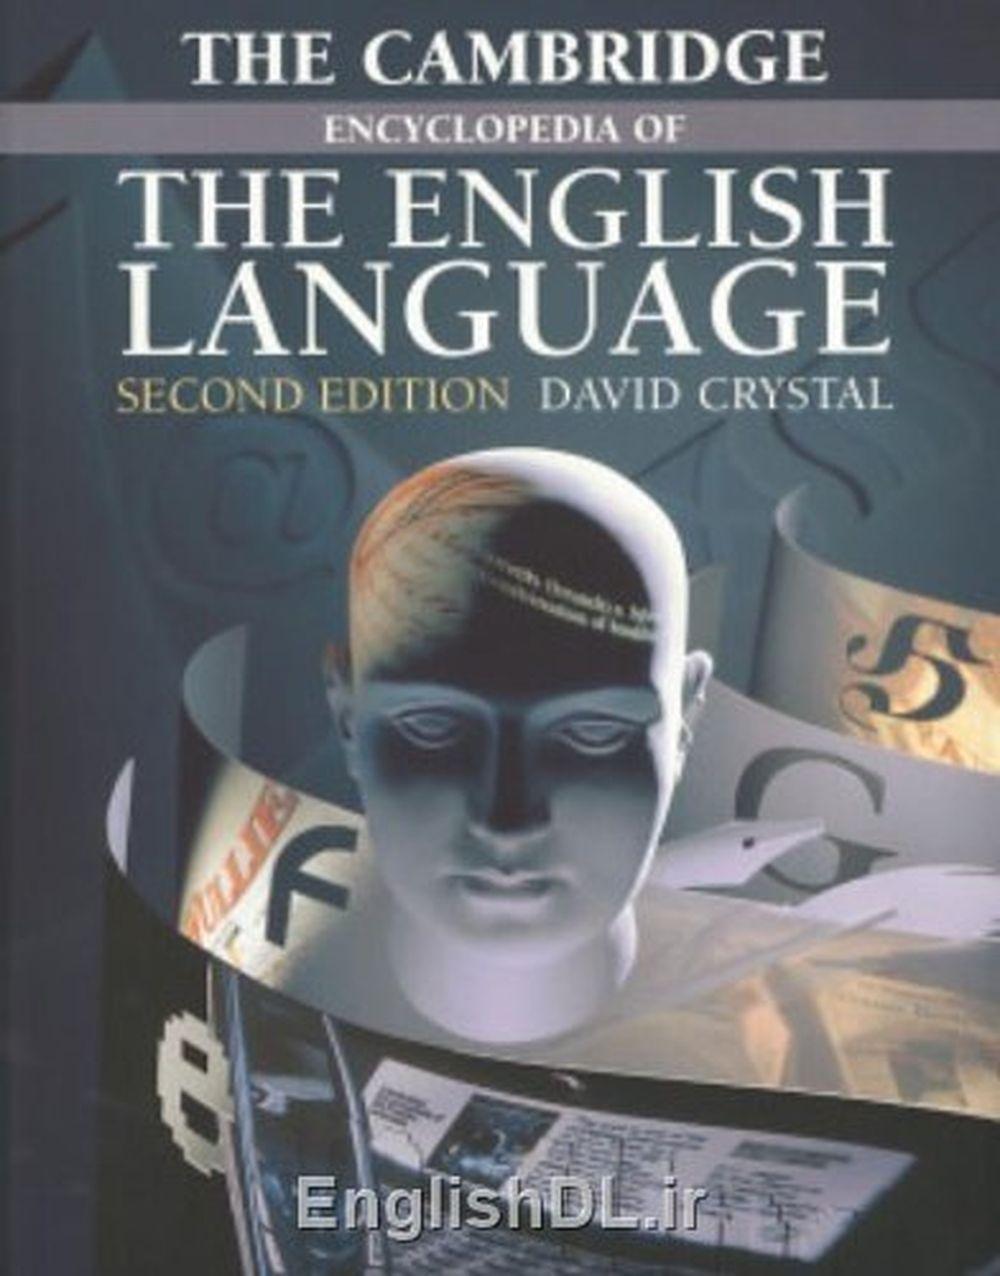 Kết quả hình ảnh cho david crystal the cambridge encyclopedia of english language